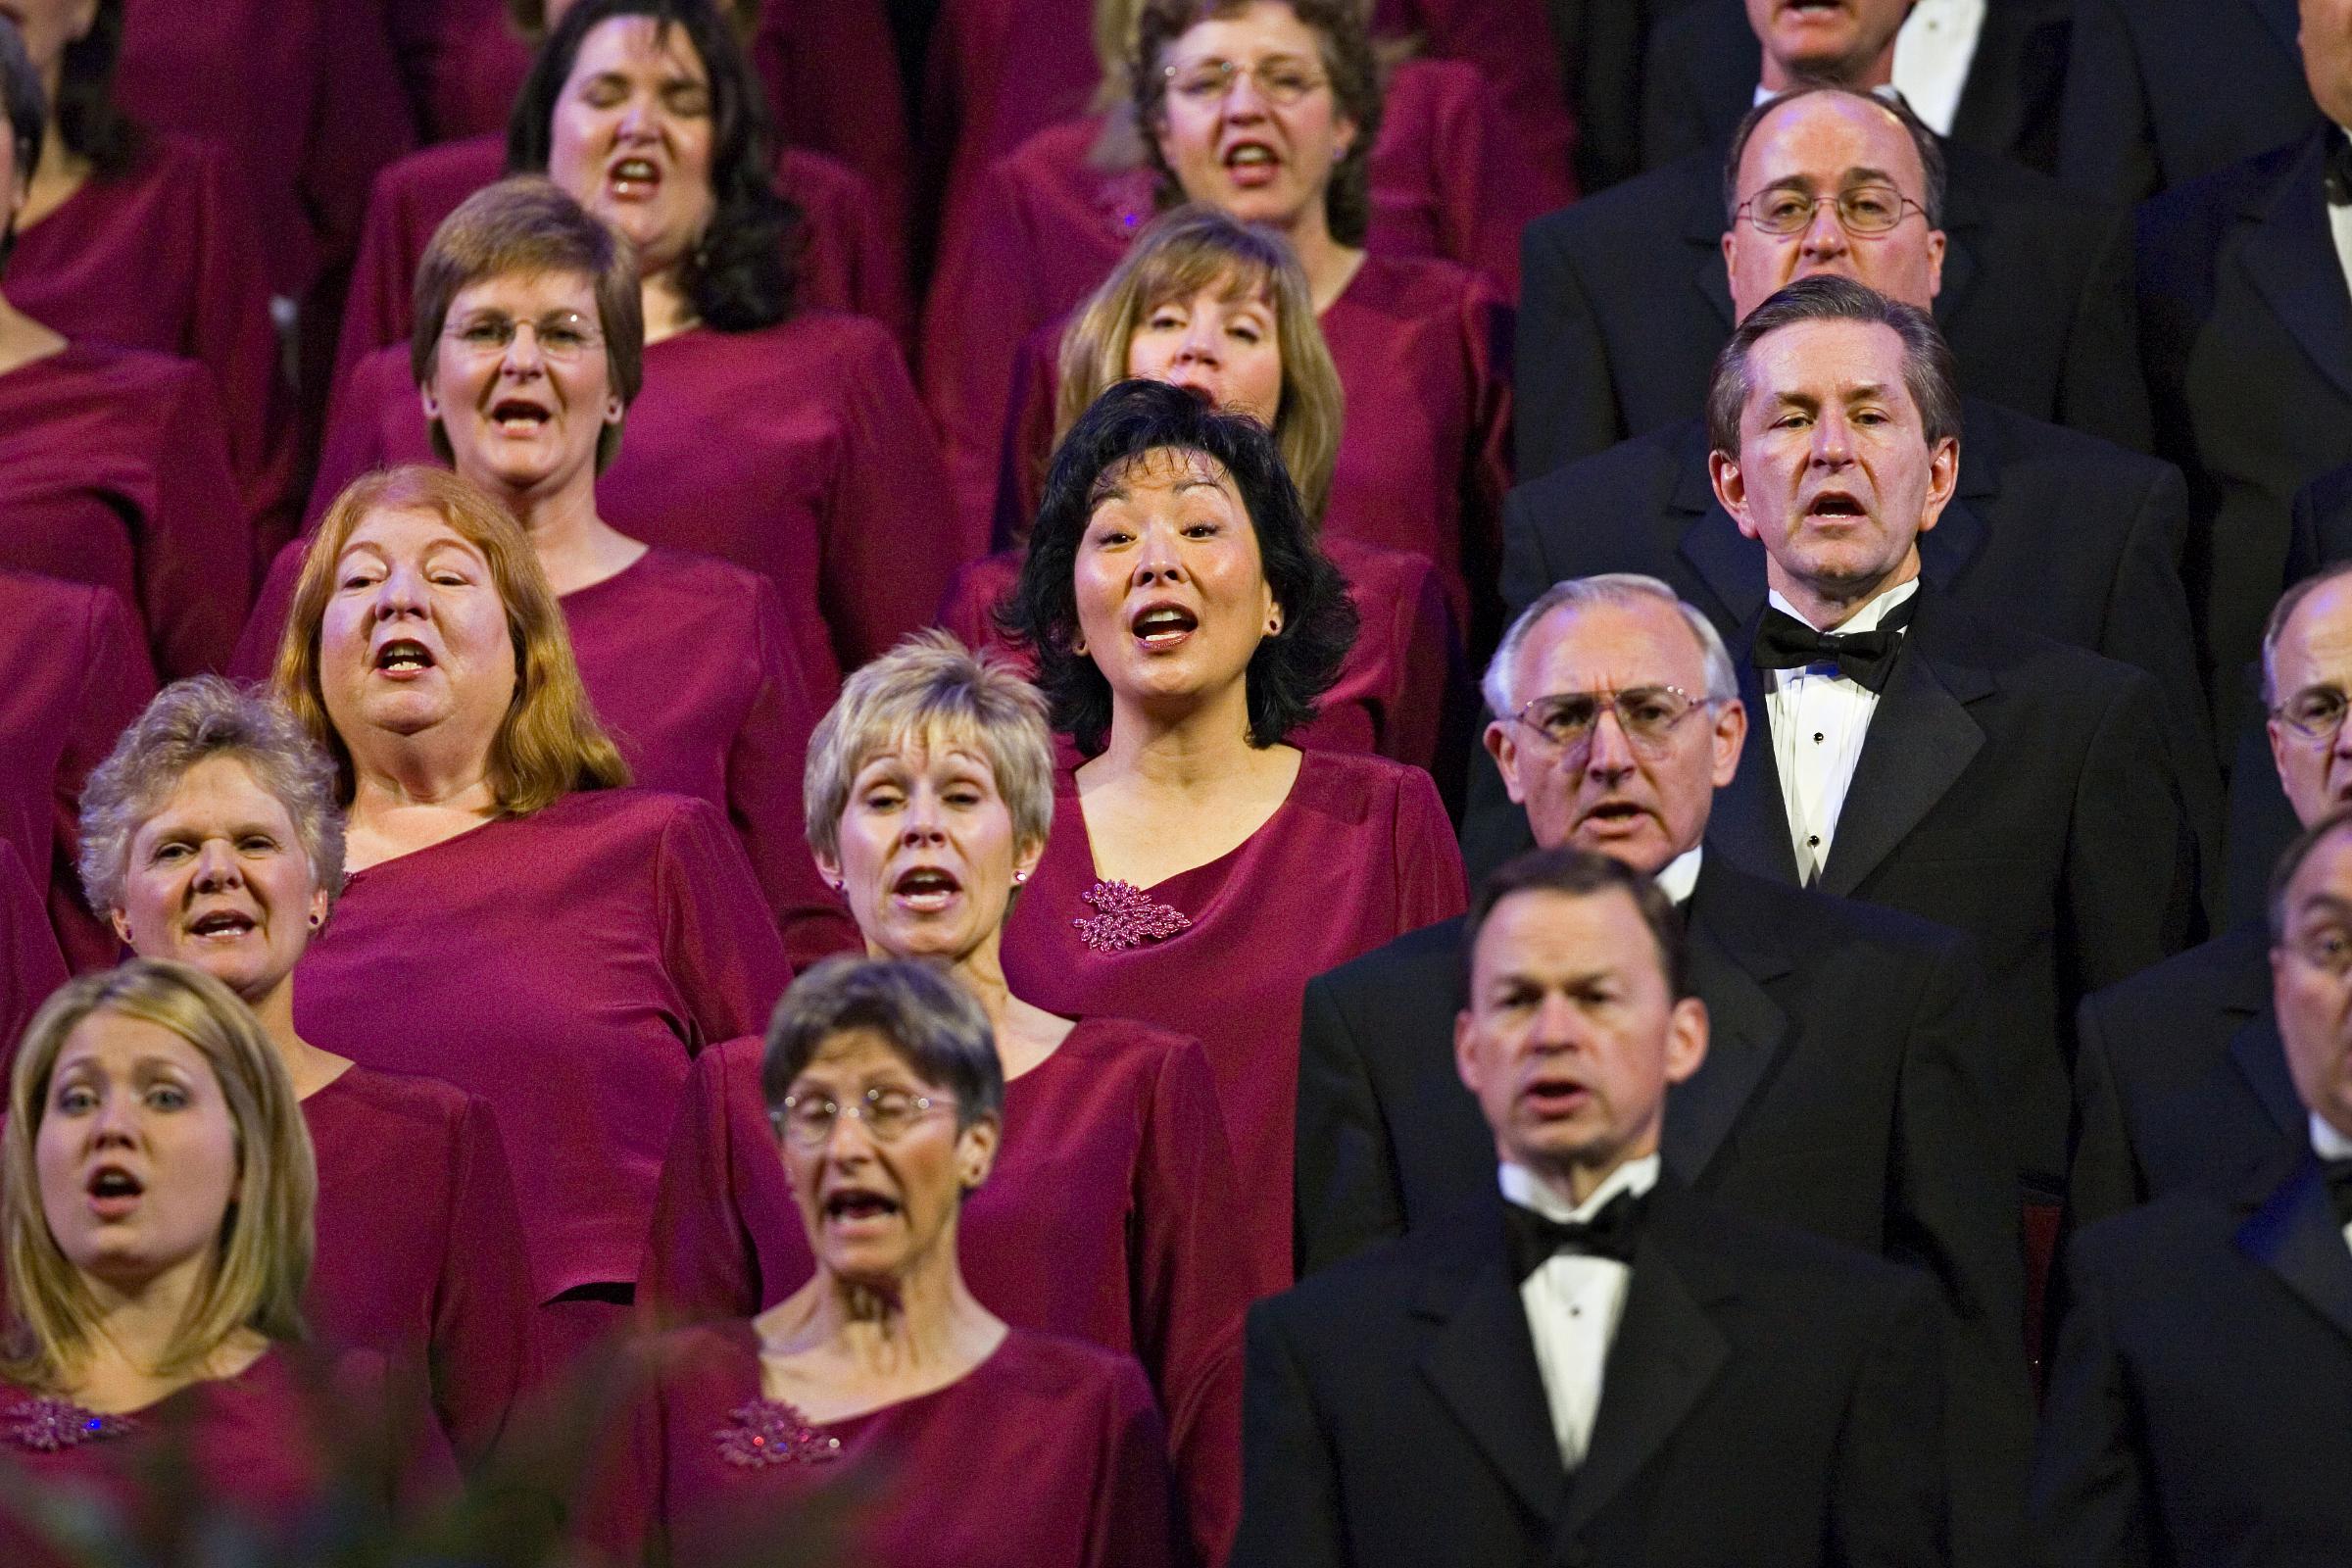 Mormon Tabernacle Choir announces 2018 tour | KUTV